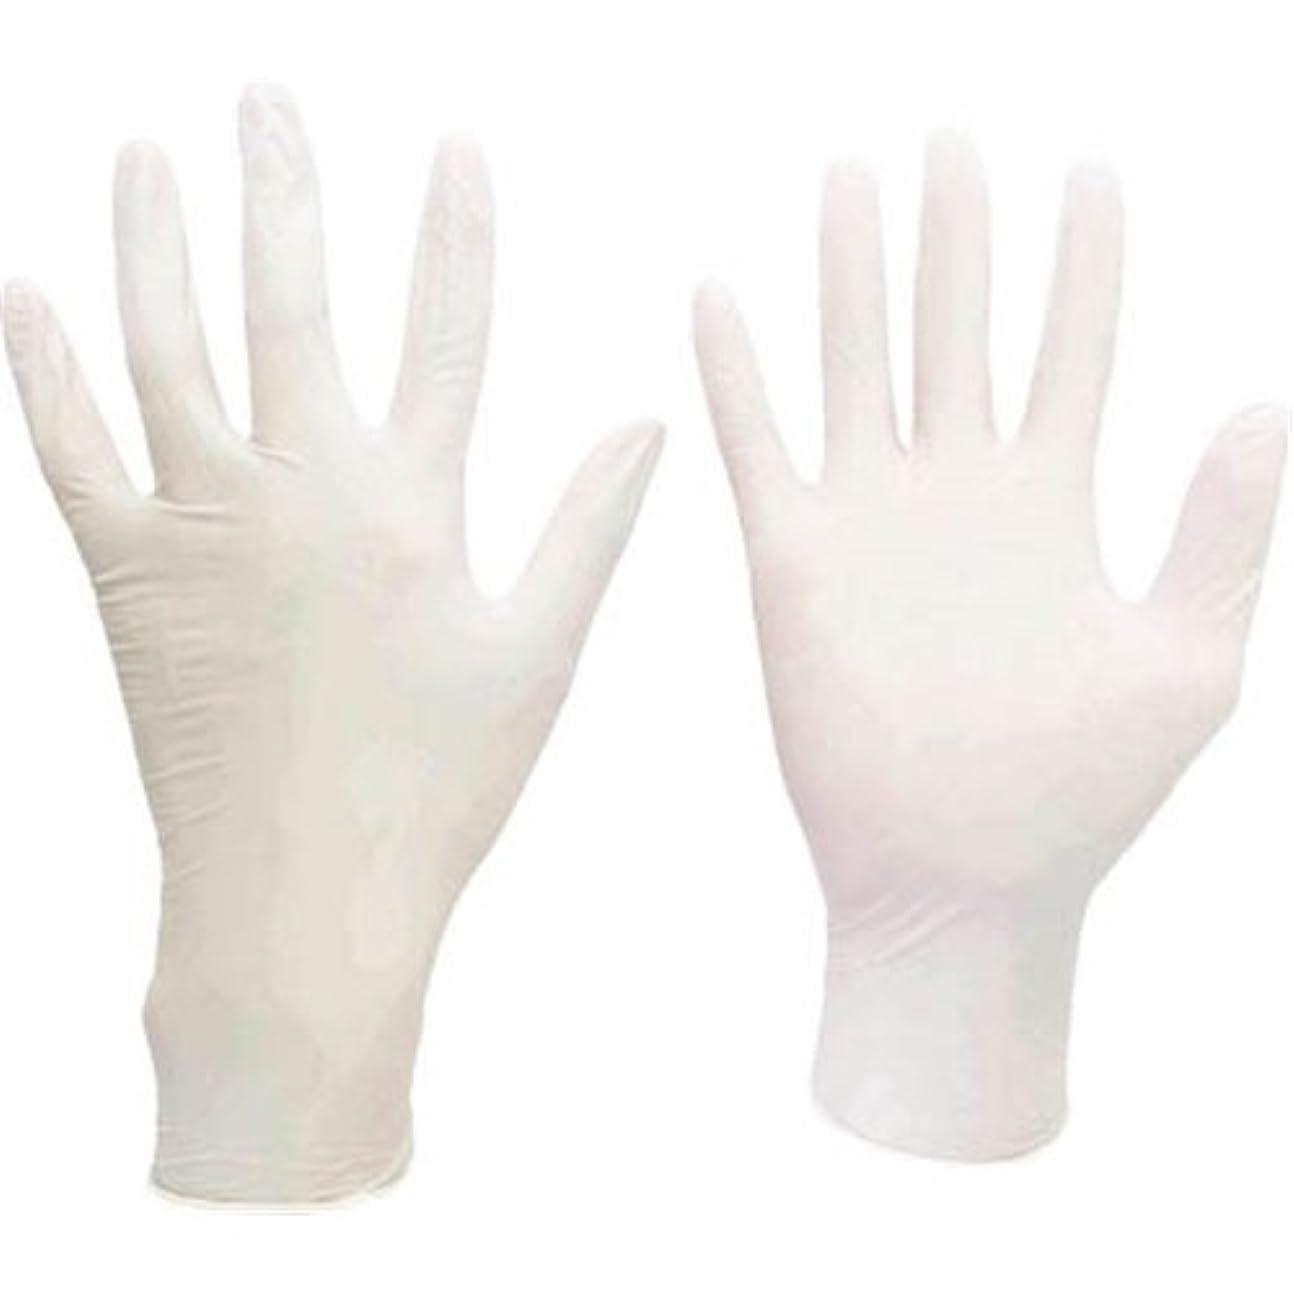 反発血色の良い自動ミドリ安全/ミドリ安全 ニトリル使い捨て手袋 極薄 粉なし 100枚入 白 LL(3889076) VERTE-711-LL